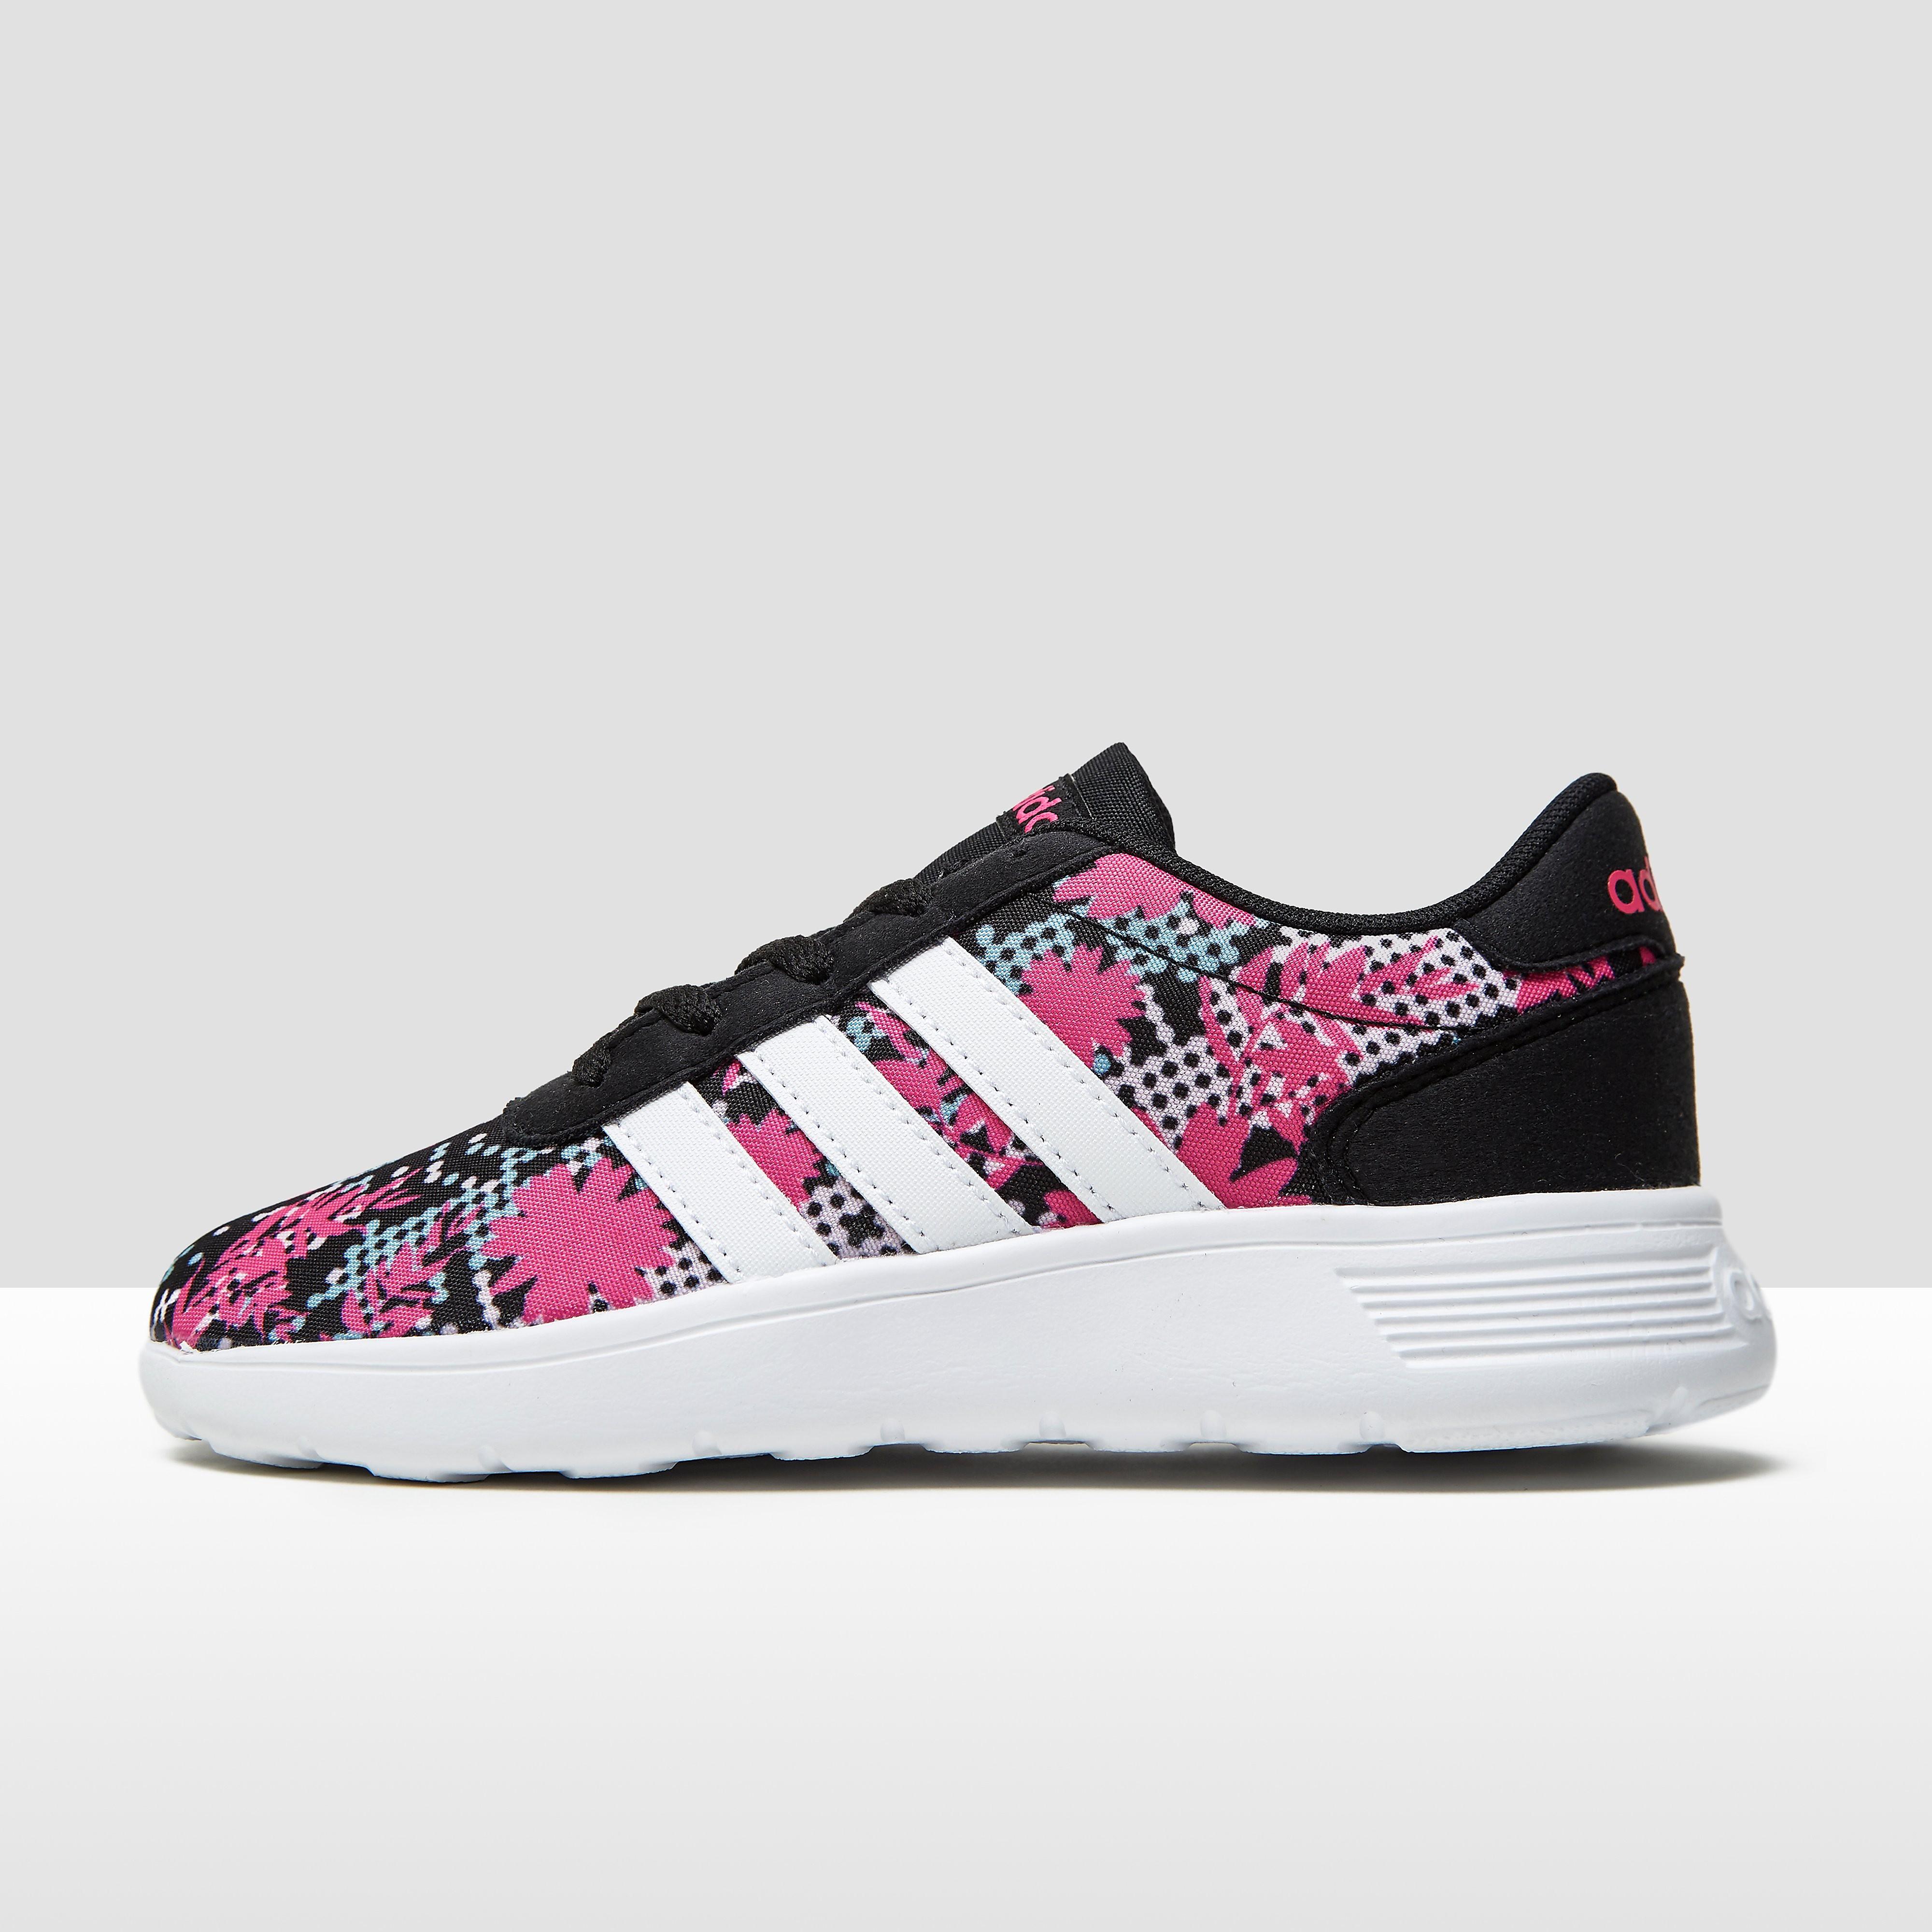 Adidas Lite Racer kindersneaker zwart, roze en print